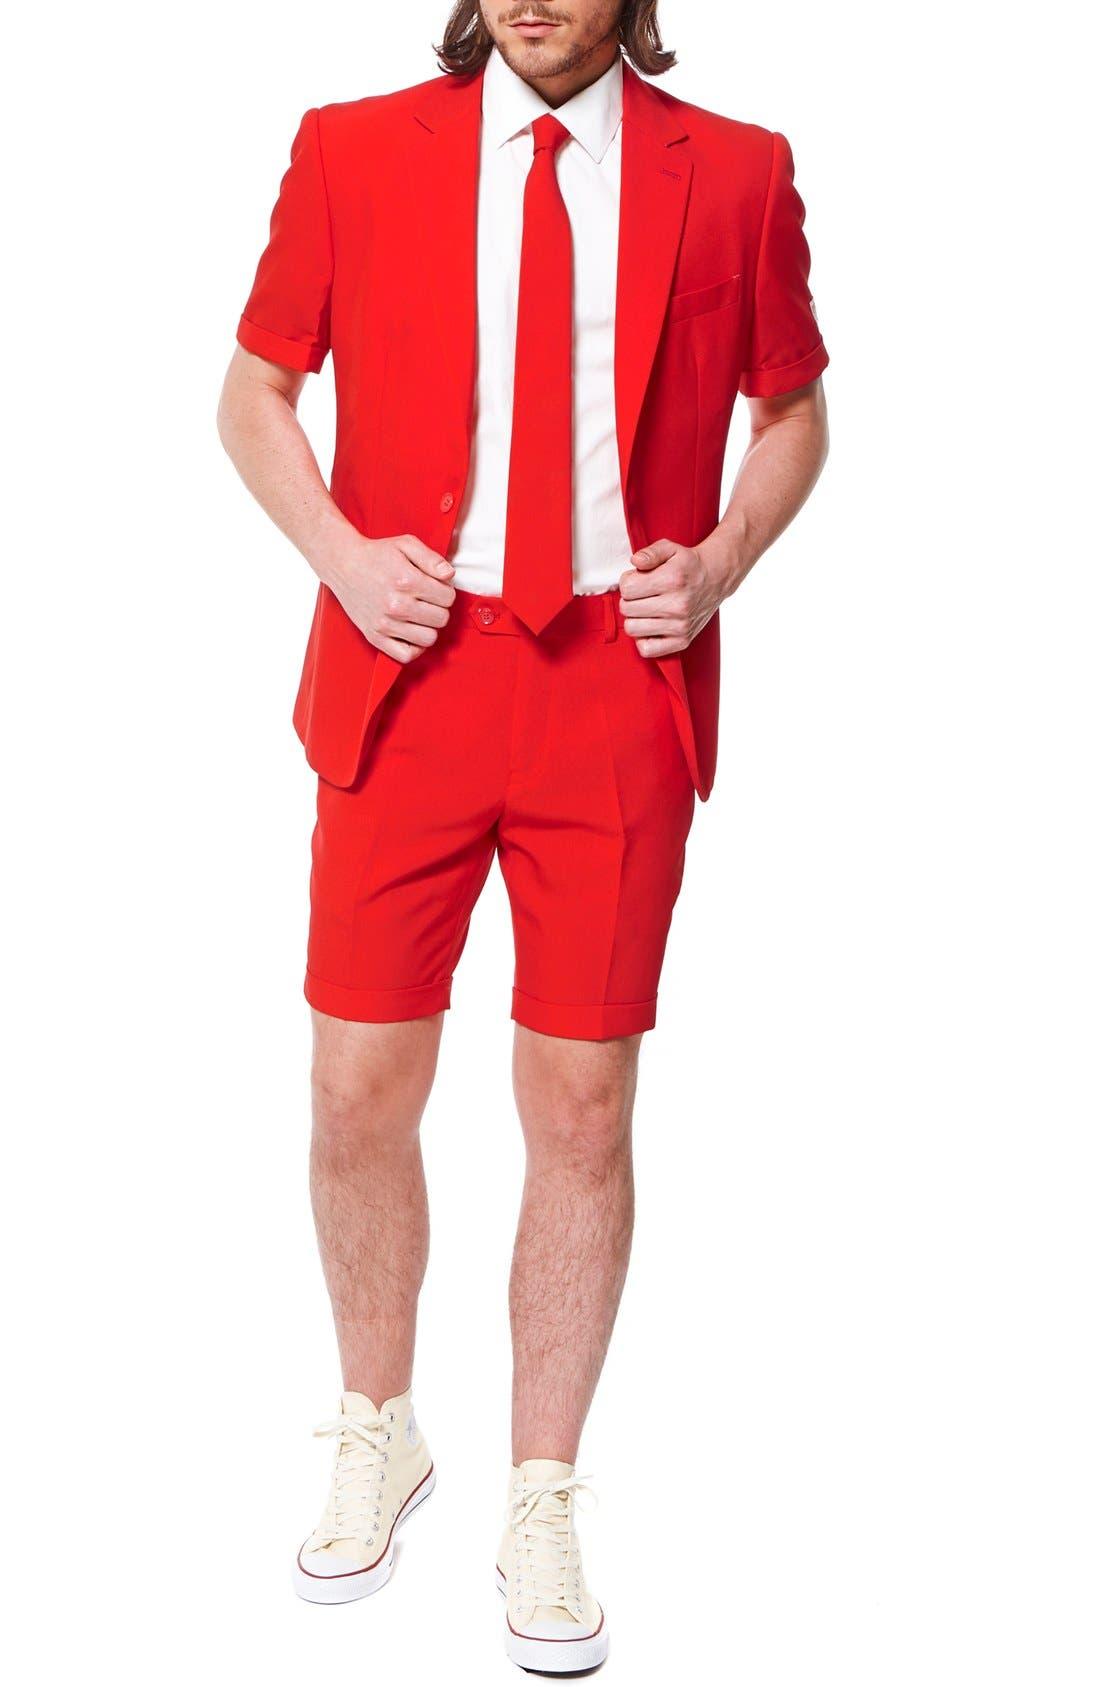 'Summer Red Devil' Trim Fit Short Suit with Tie,                             Main thumbnail 1, color,